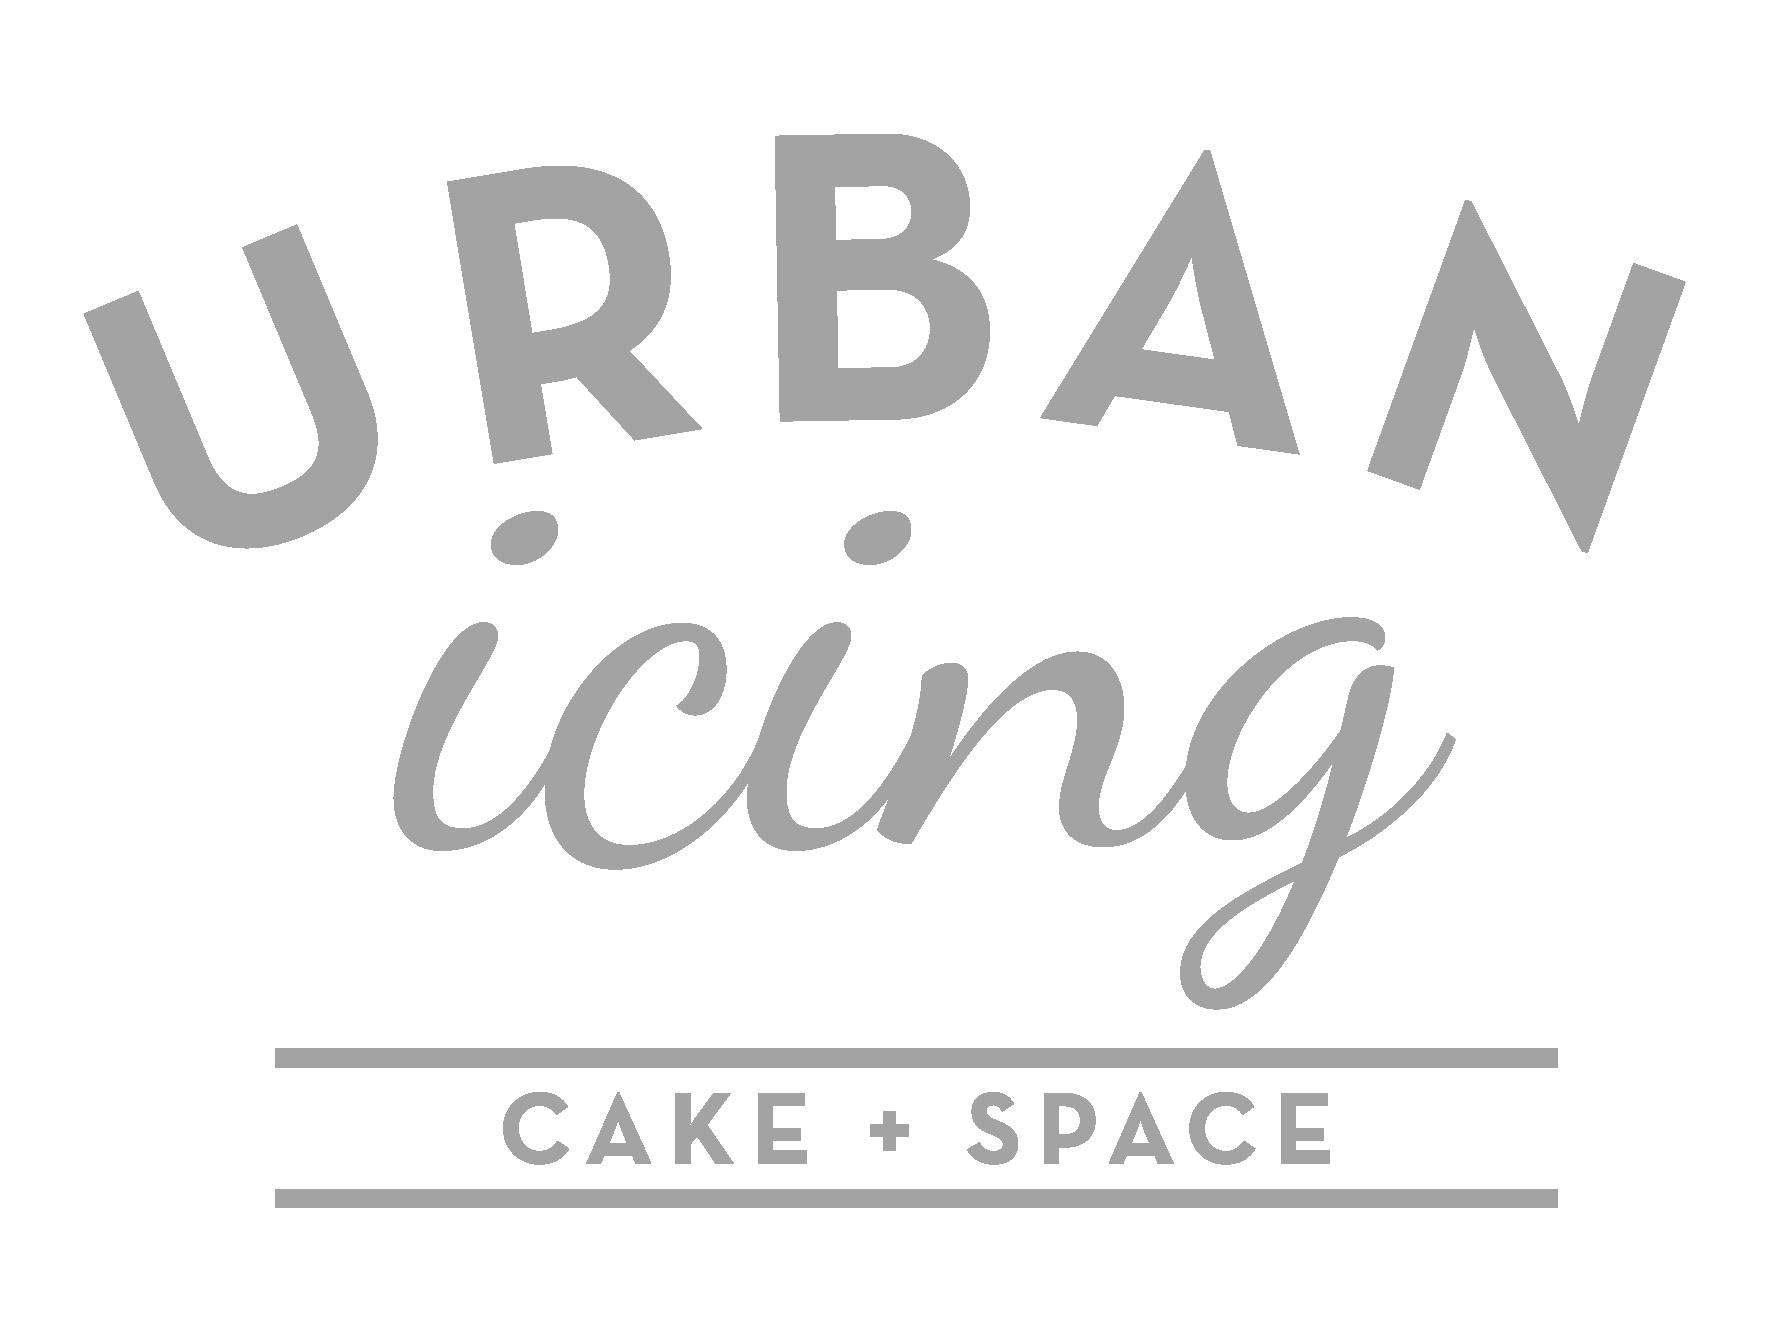 Urban Icing - Logo